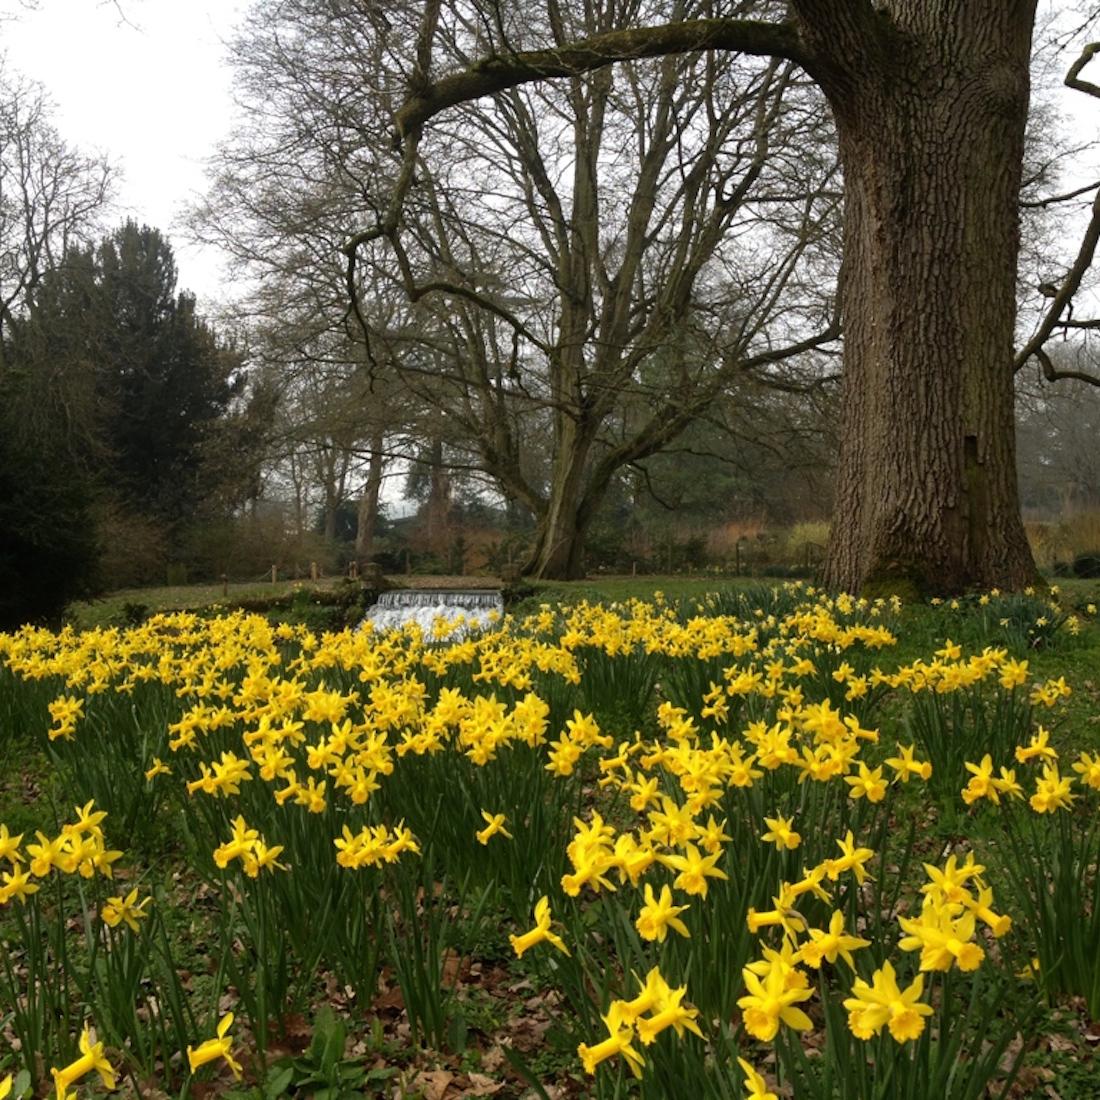 Mottisfont Abbey Spring Daffodils